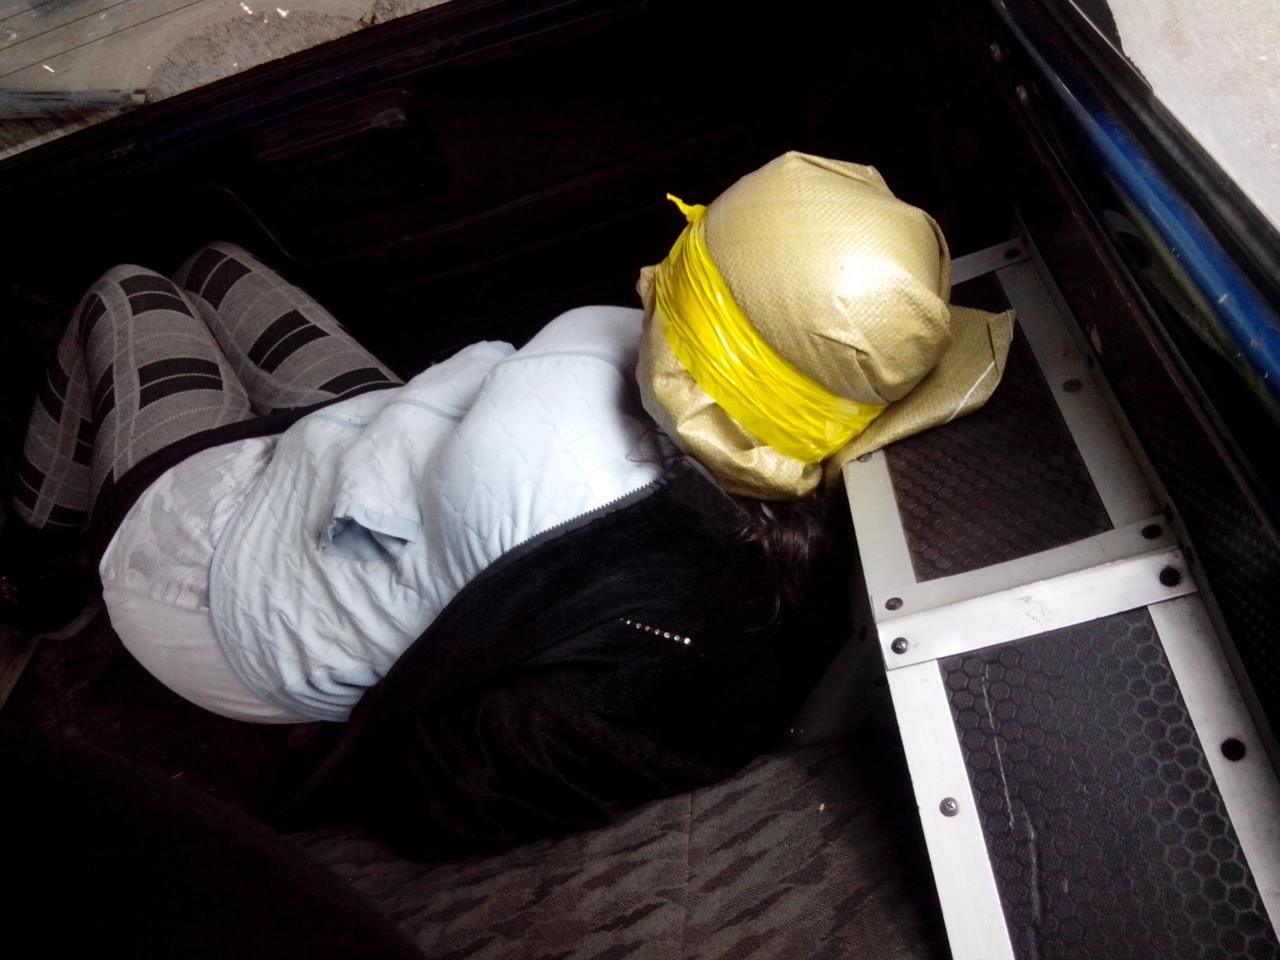 55 шахт на Донбассе находятся под контролем российских террористов, - Яценюк - Цензор.НЕТ 9761